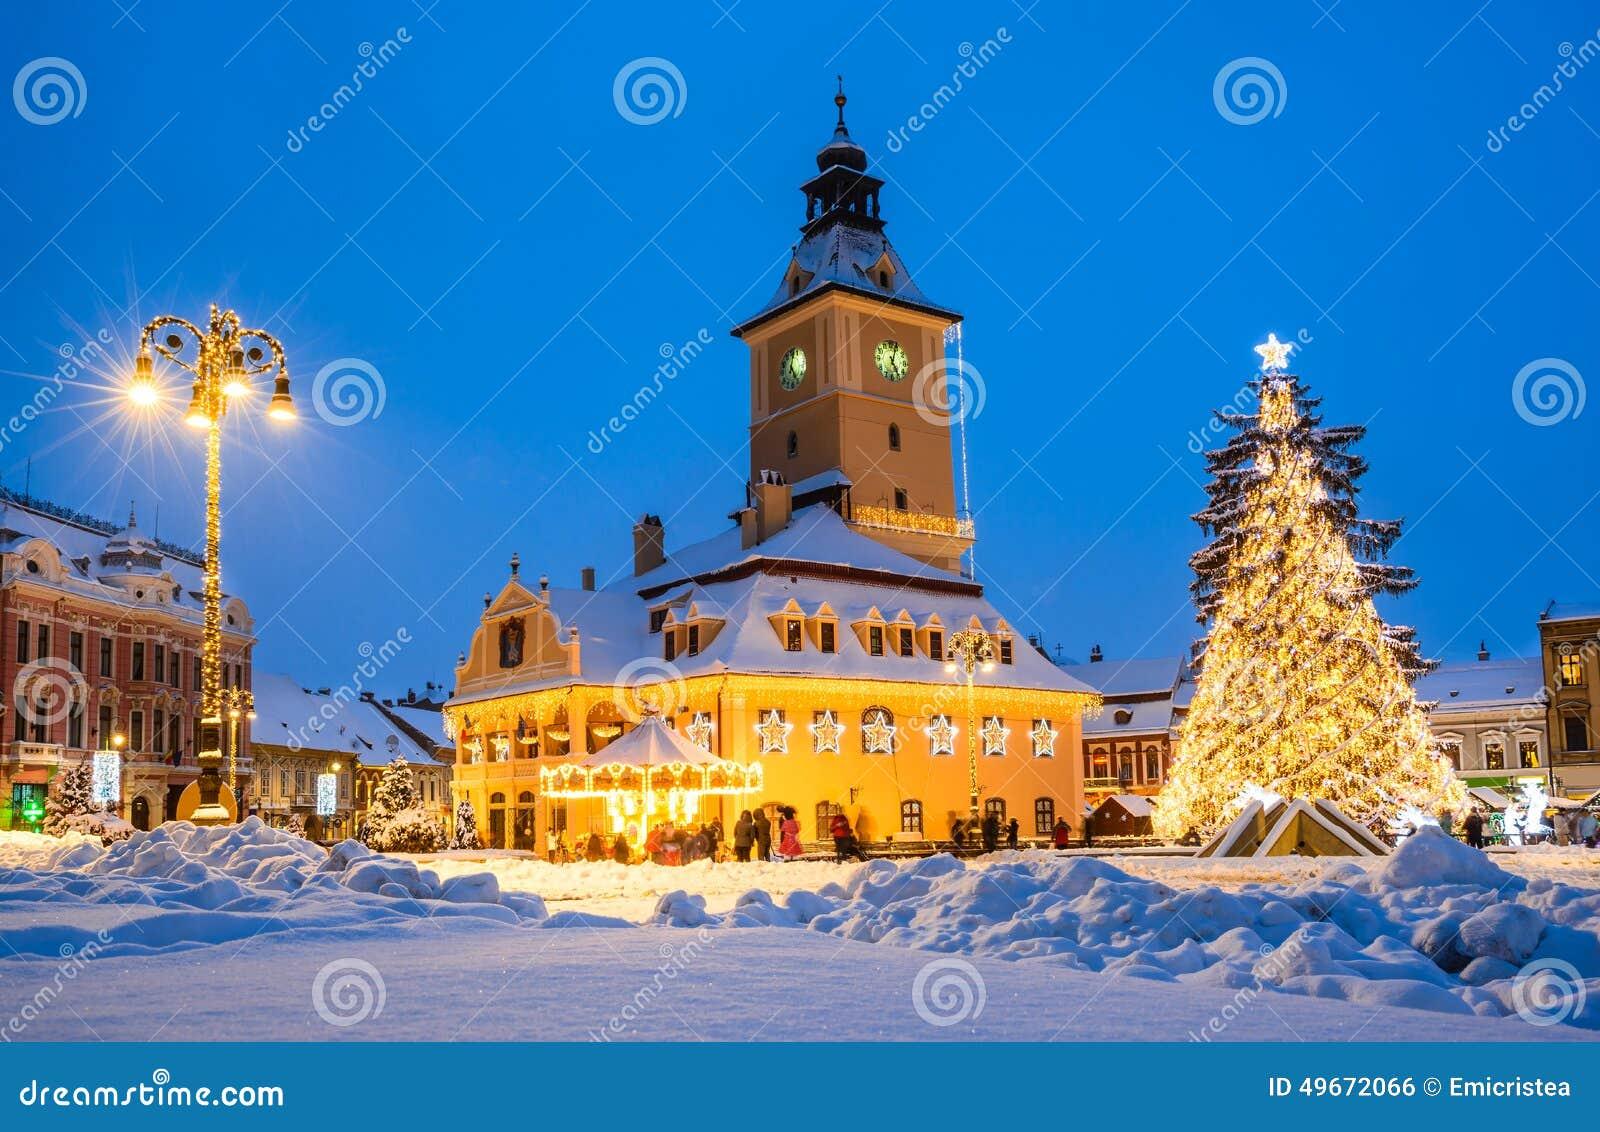 Christmas Market, Brasov, Romania Stock Photo - Image: 49672066